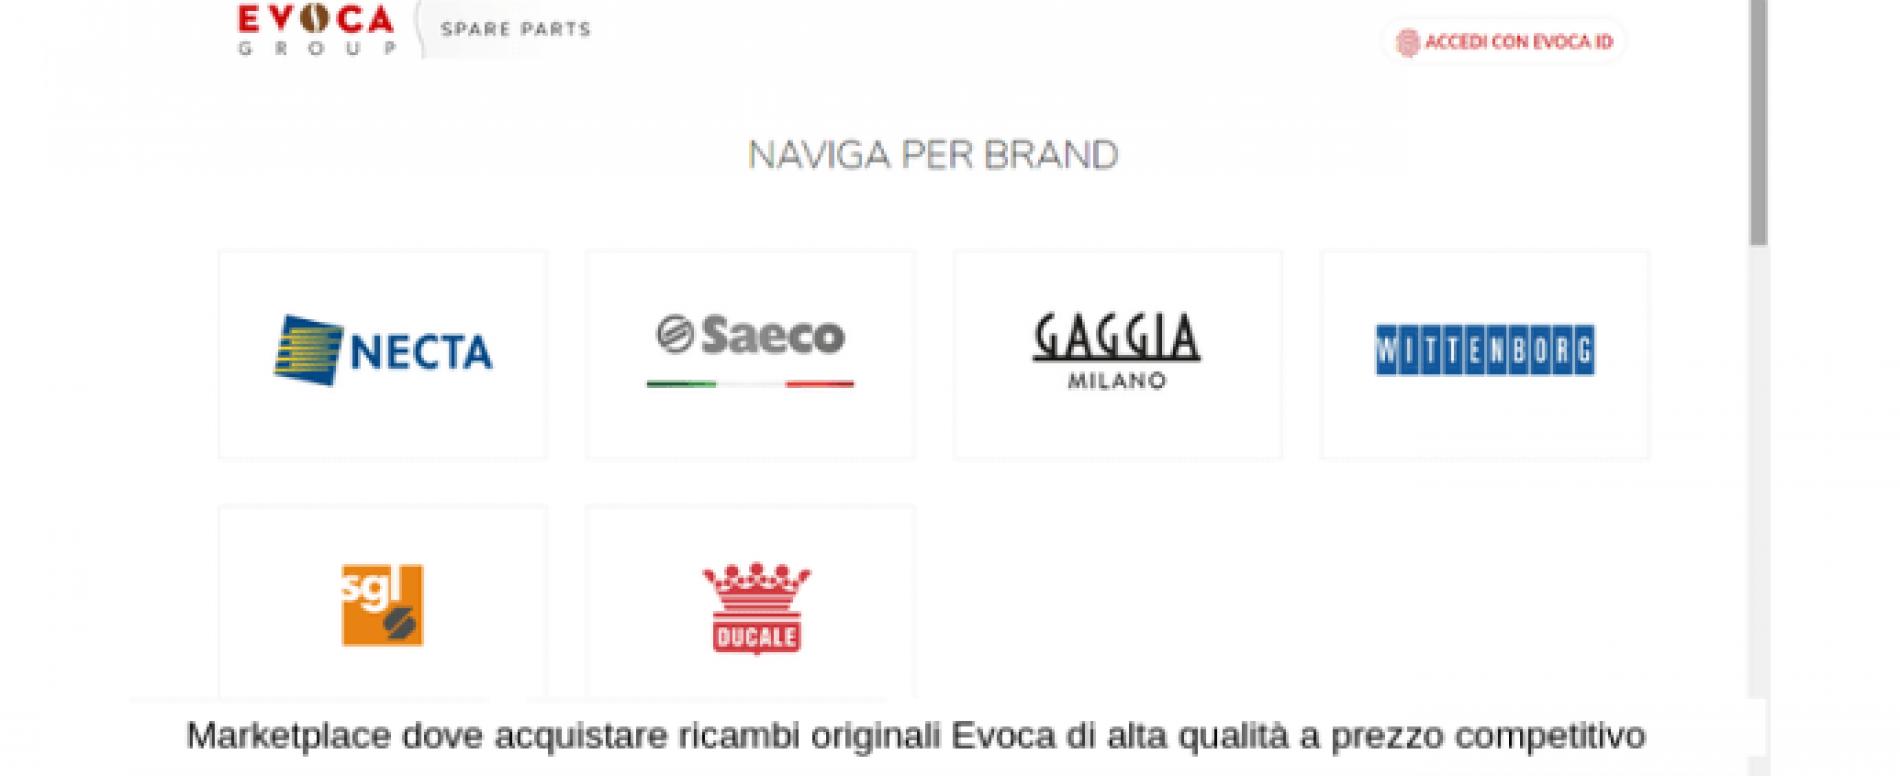 EVOCA Group presenta il nuovo portale  e-commerce